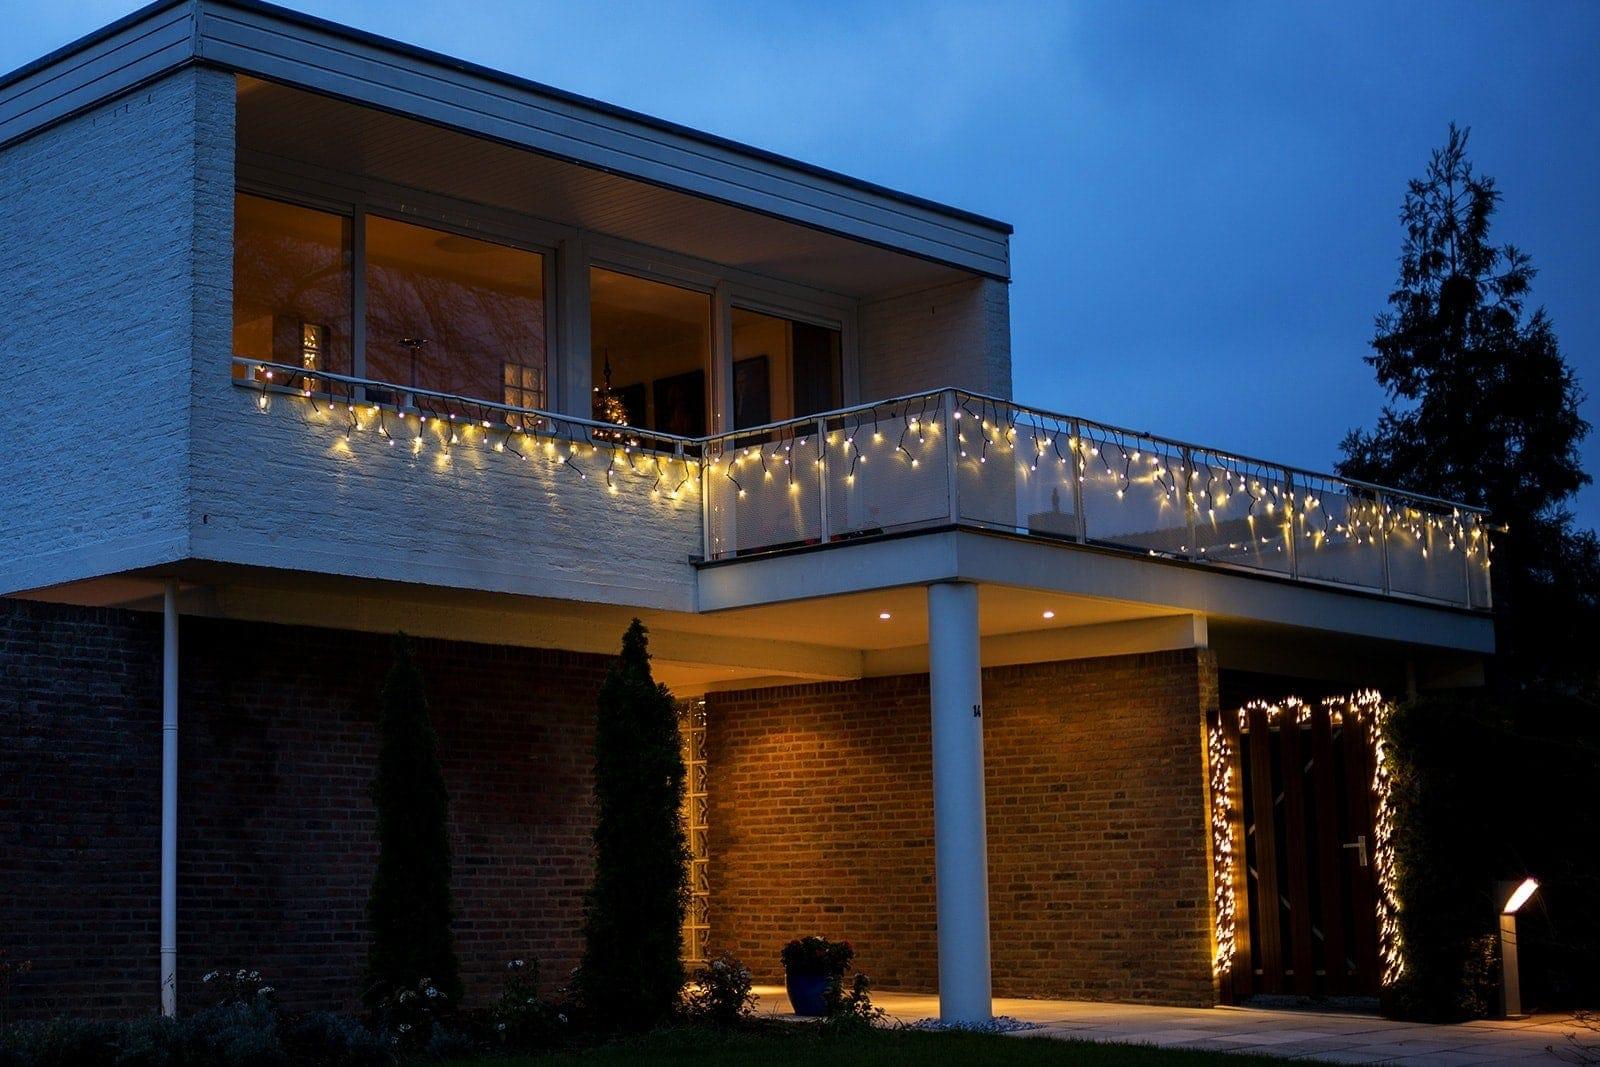 IJspegelverlichting 3m x 0,5m · Warm wit · Wit snoer · Twinkle